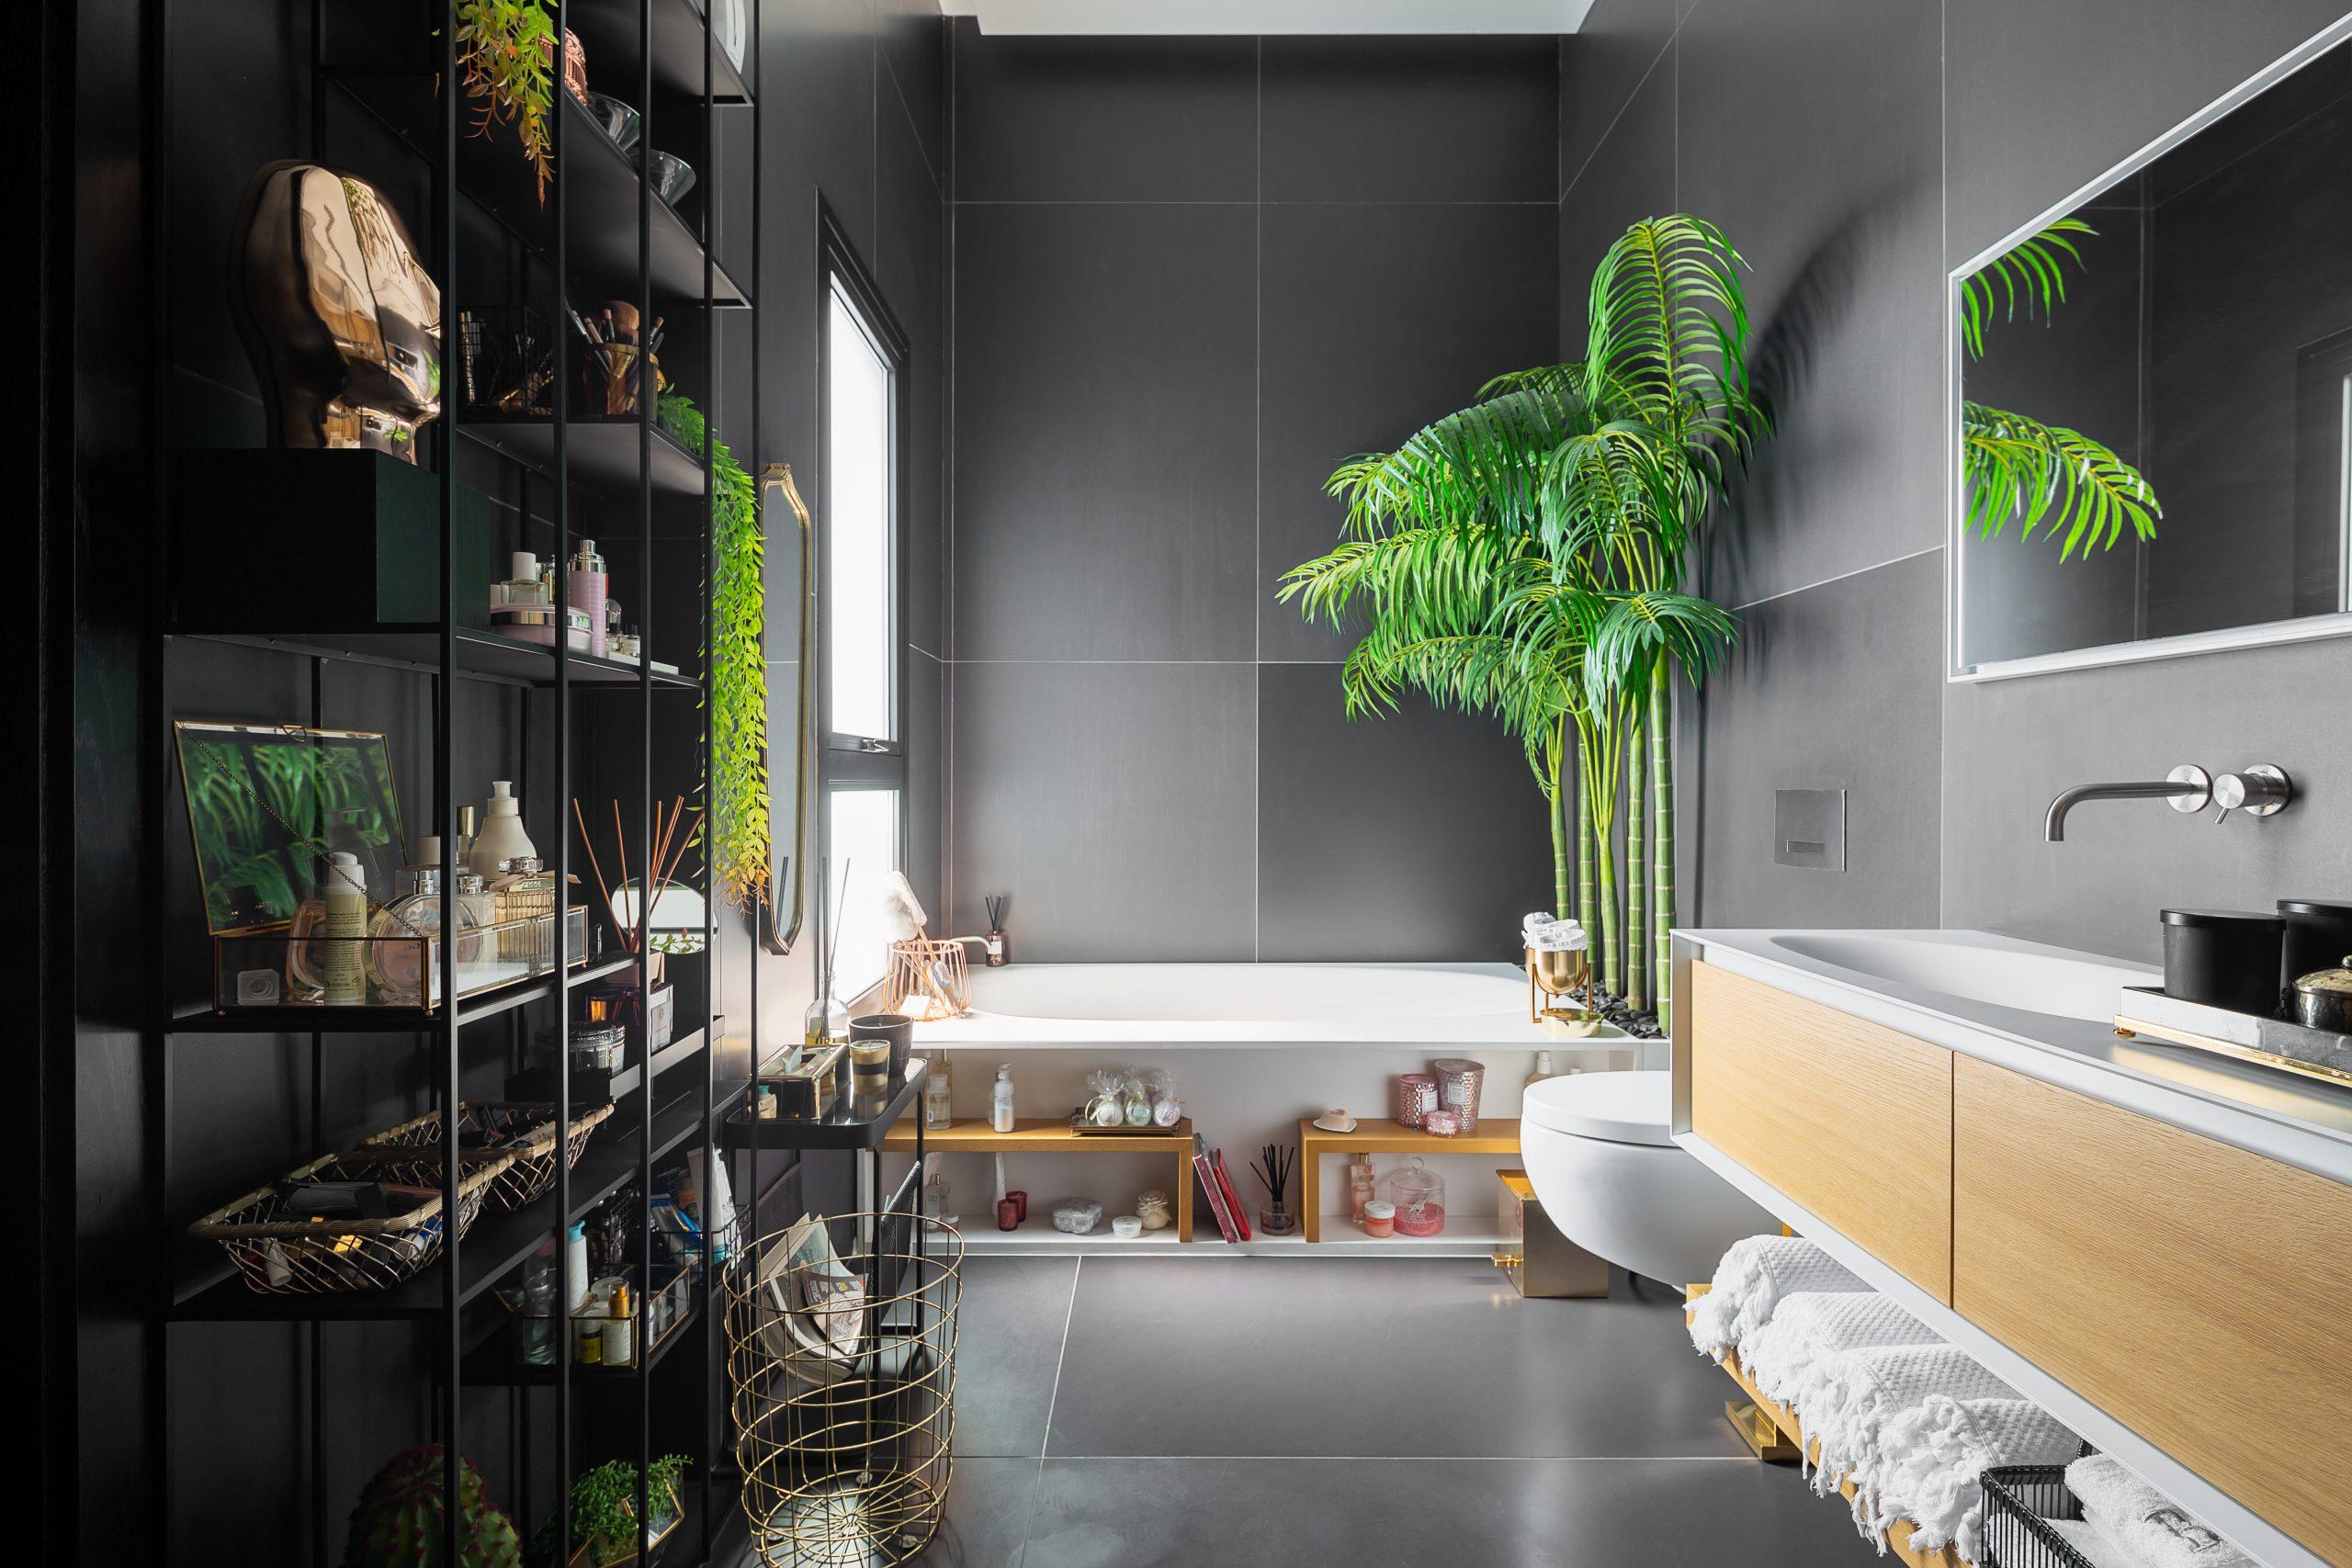 חדר אמבטיה בעיצוב מודרני ואדריכלי